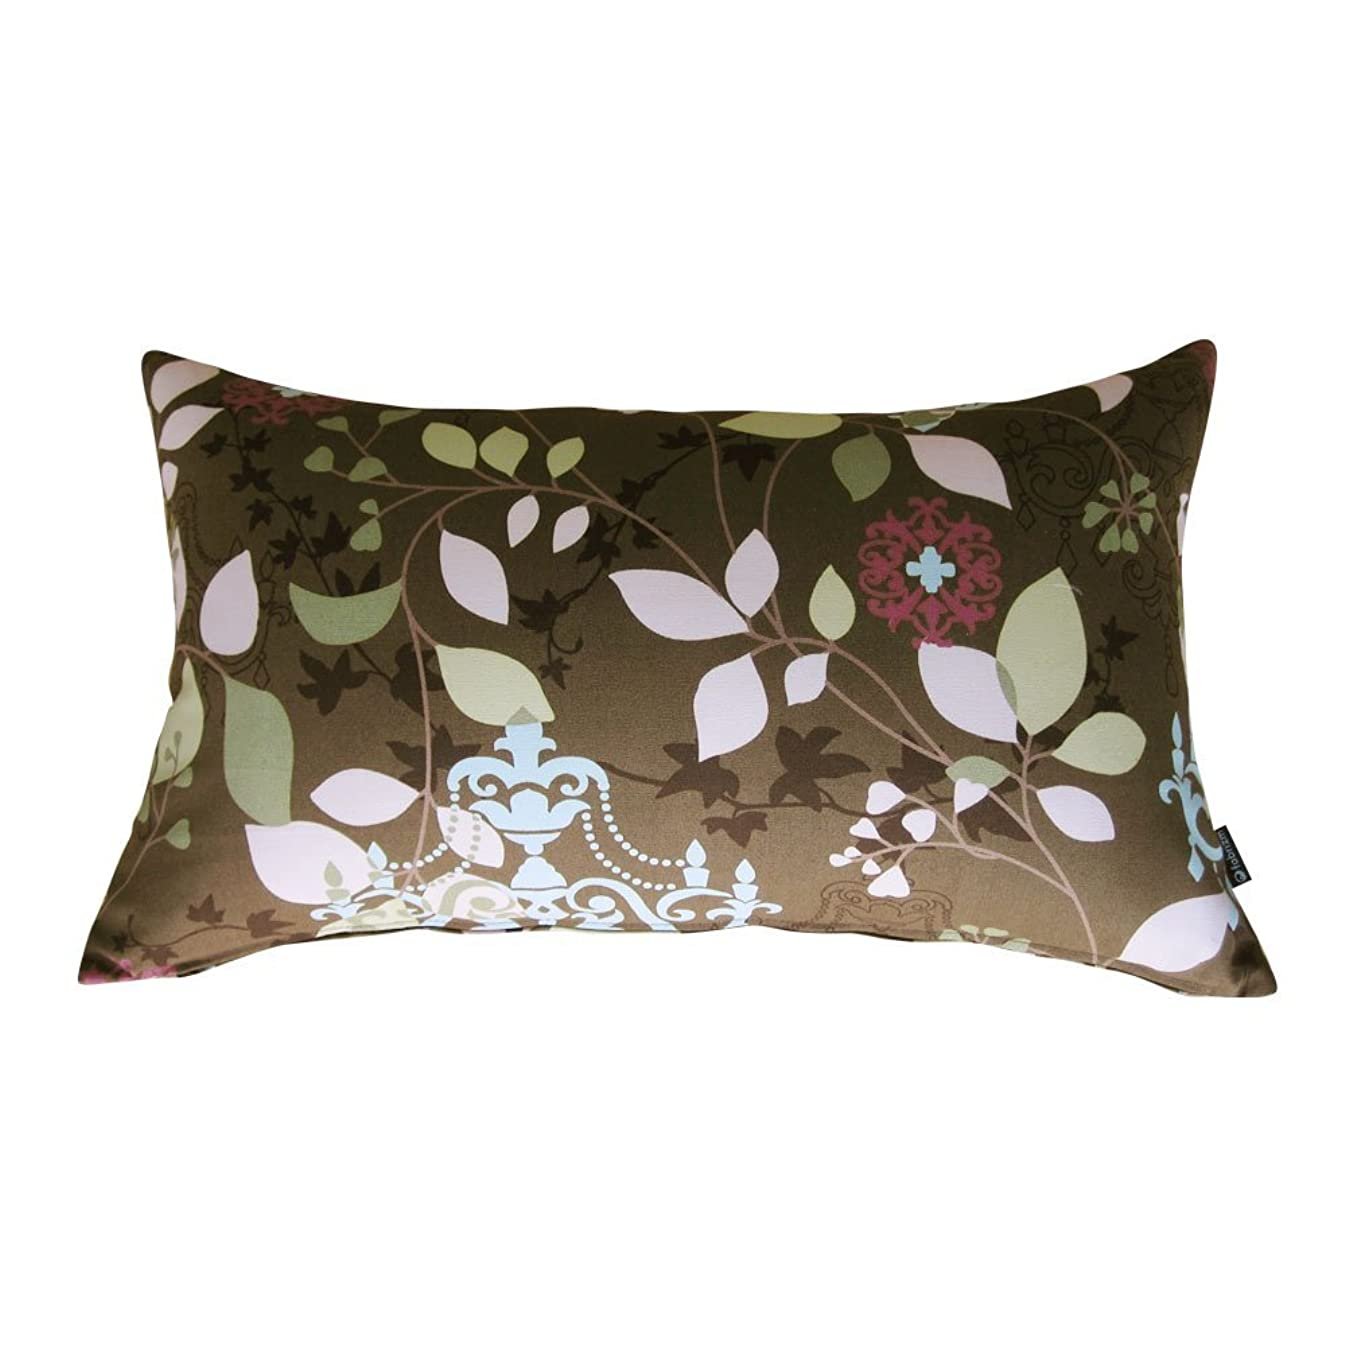 ブラシ毎月くすぐったいfabrizm 日本製 クッションカバー 長方形 50×30cm ラピュア ブラウン 1747-br-br